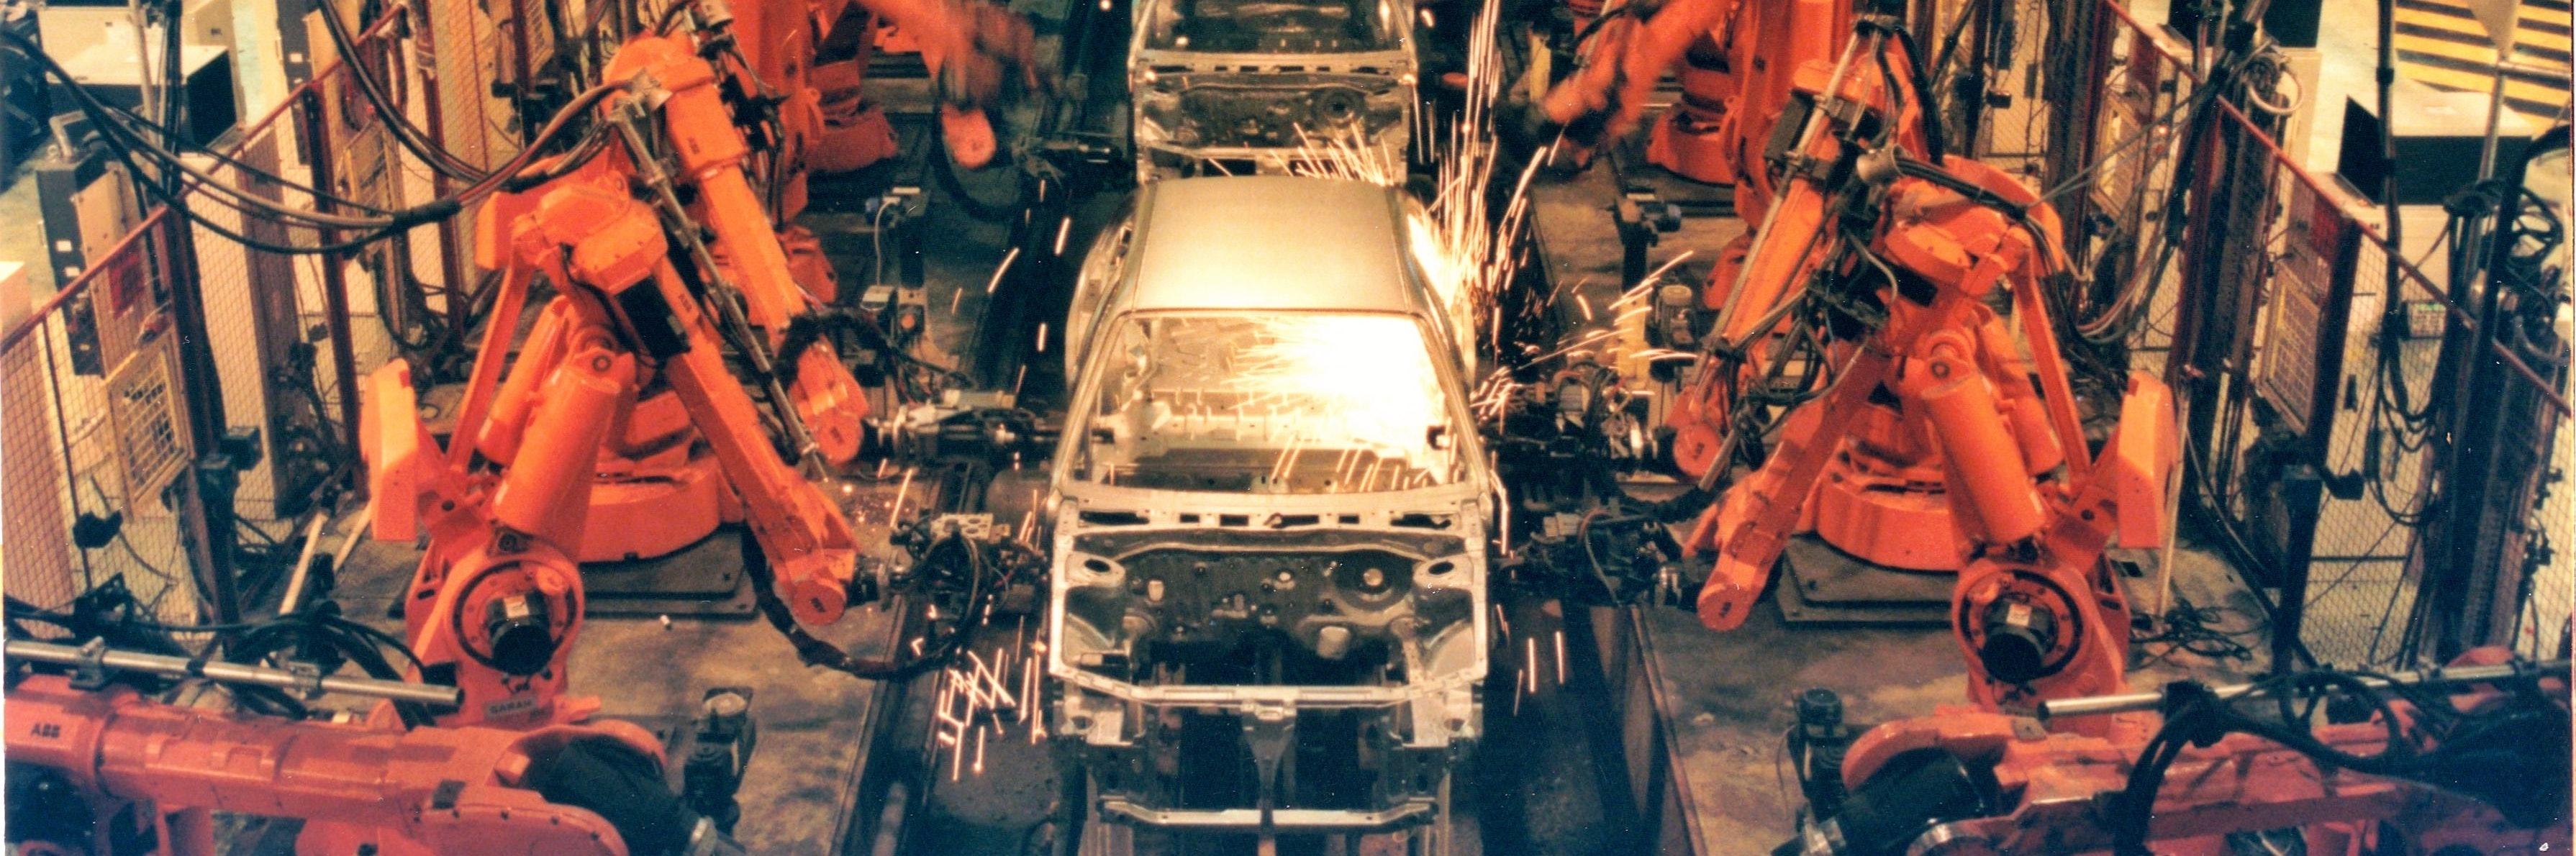 rover 200 framing line